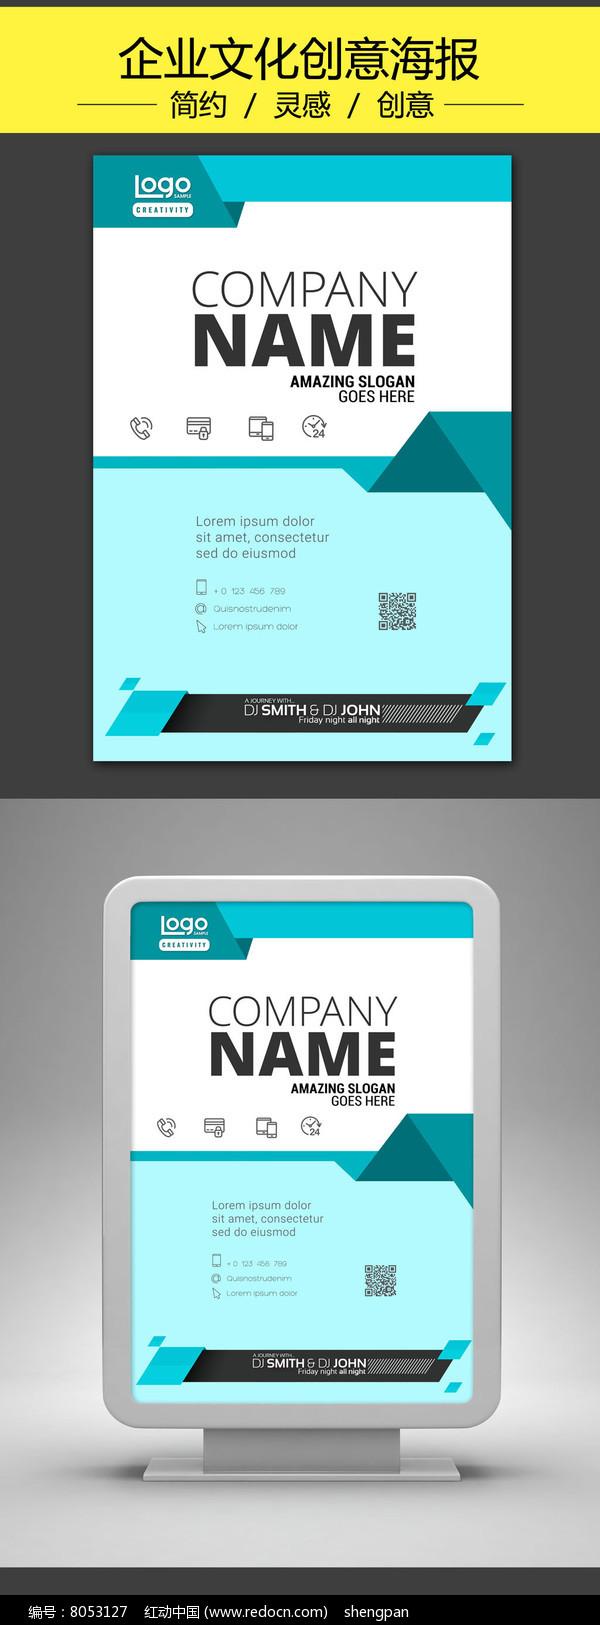 时尚蓝色企业品牌版式PSD海报图片